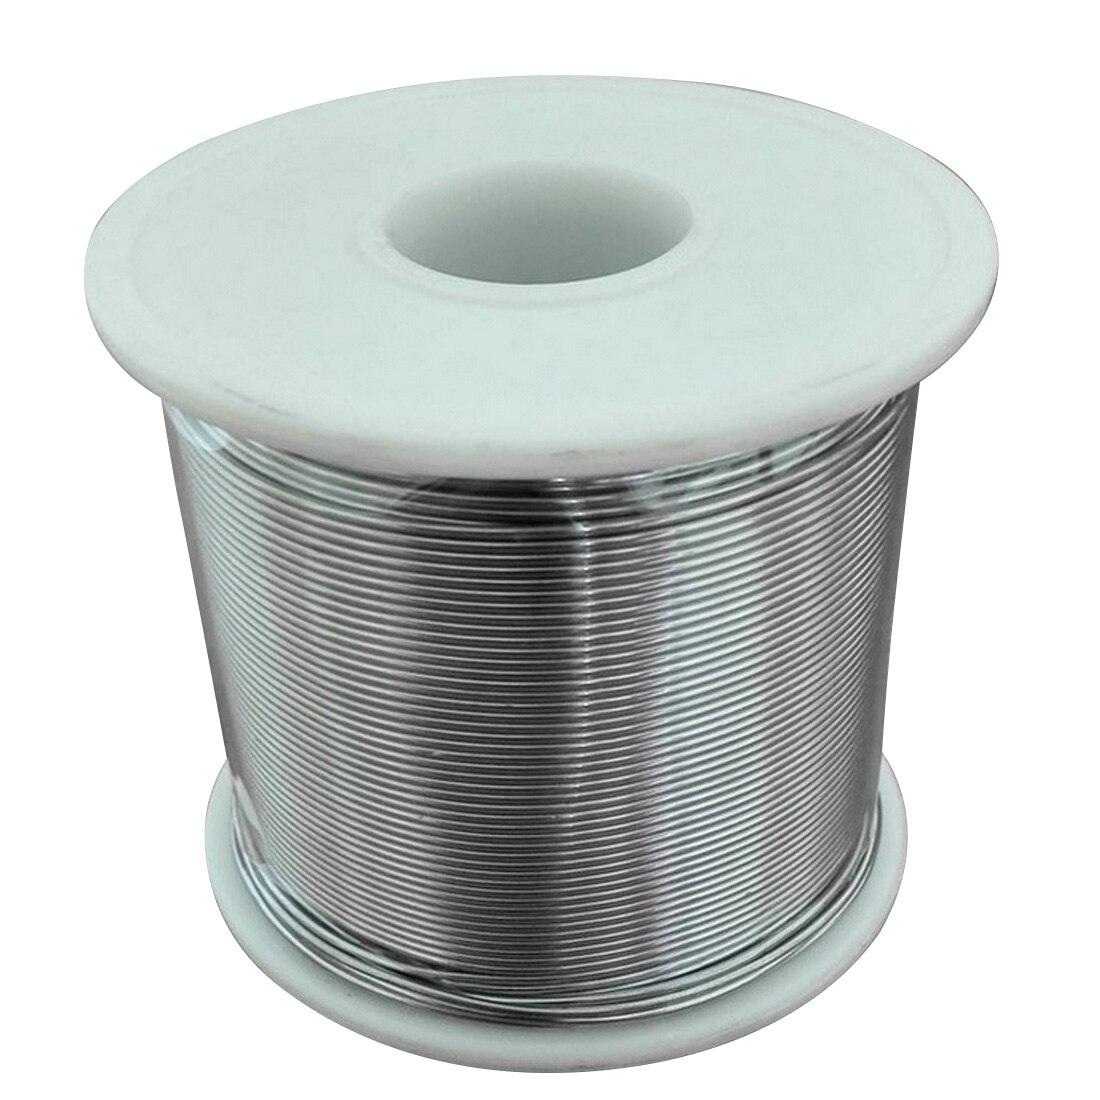 Aluminum Welding Rods 2mm*3 meter Soldering Supplies Aluminum Welding Electrodes Flux Cored Low Temperature Brazing Wire